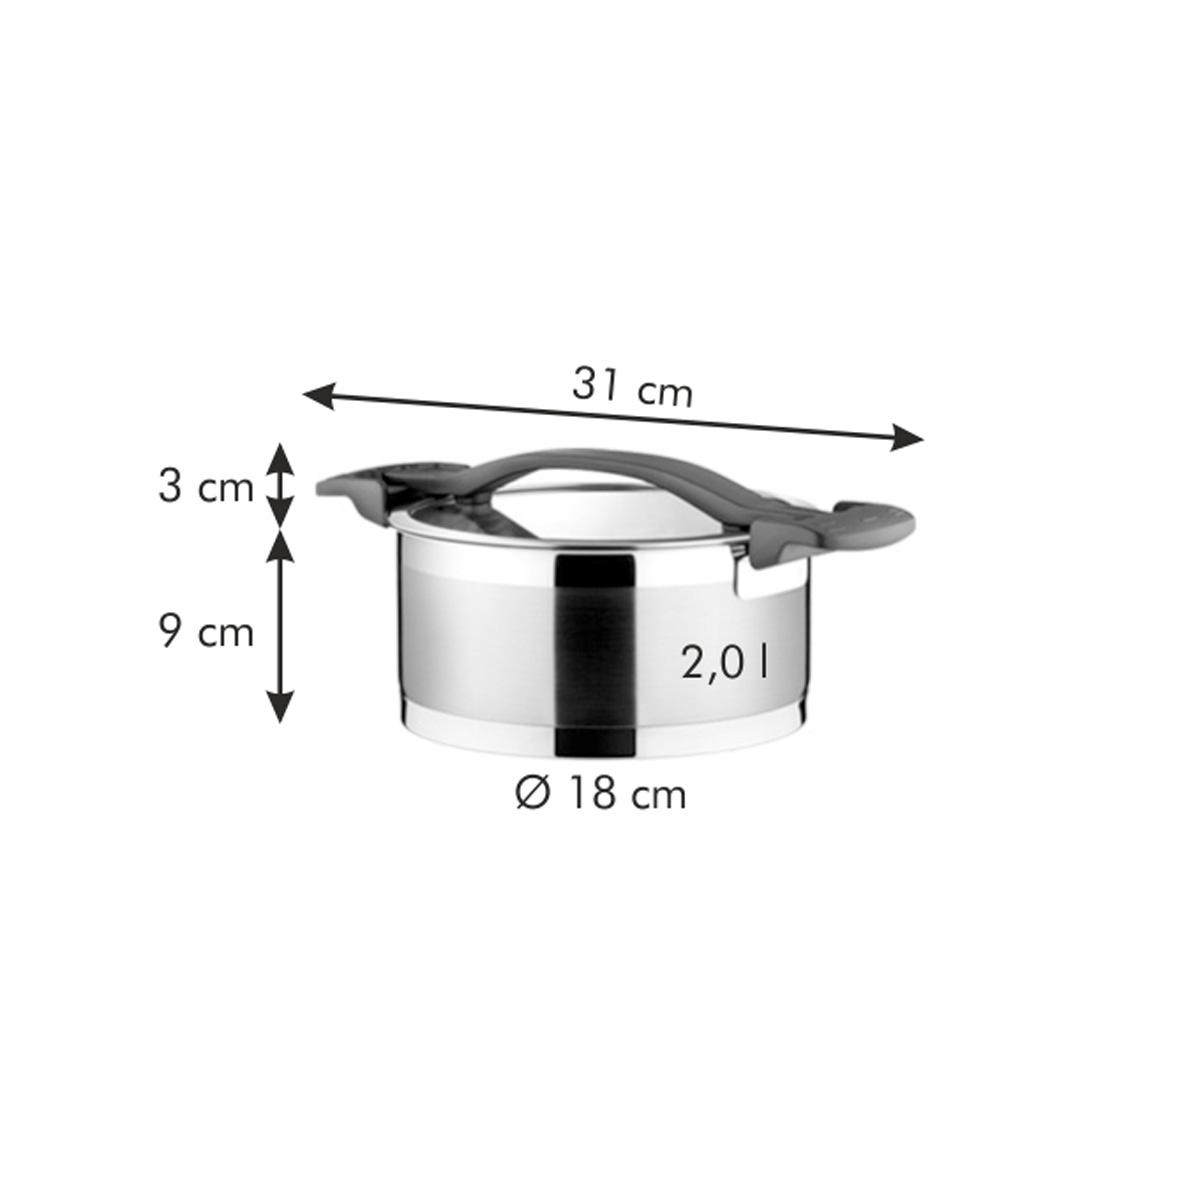 Kastrol ULTIMA s poklicí ø 18 cm, 2.0 l